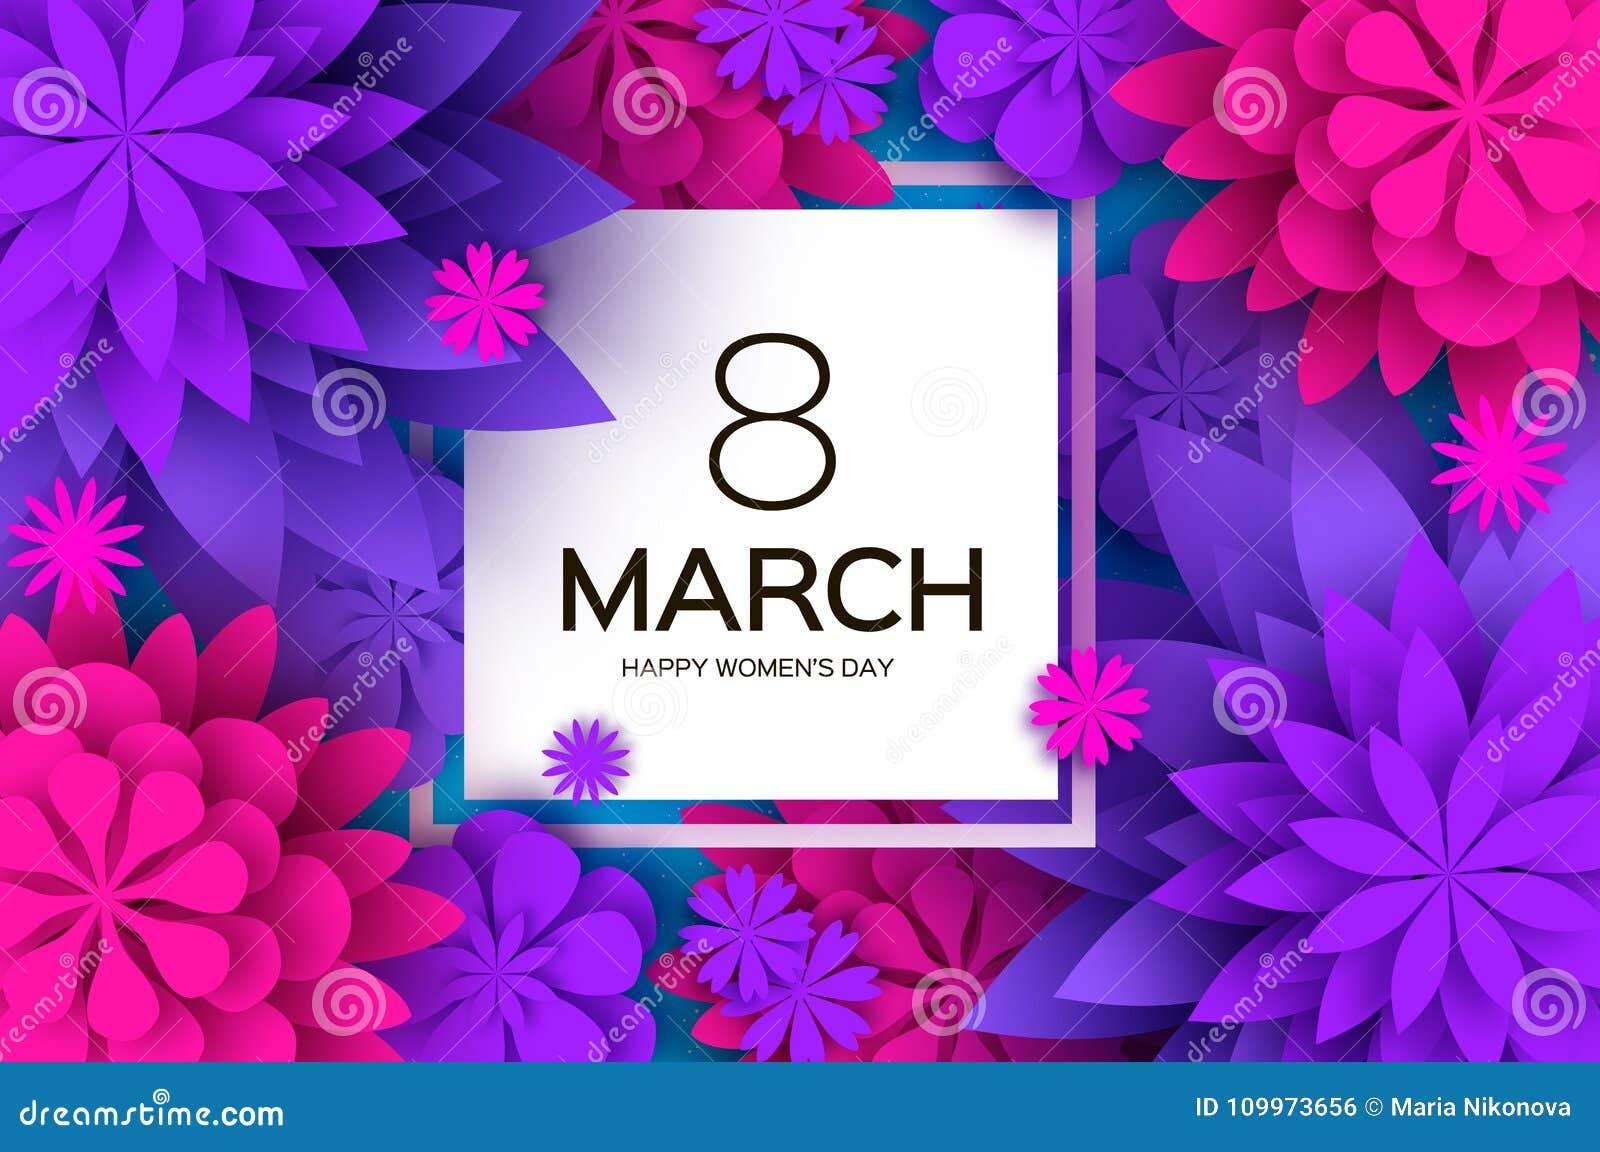 Ultra Violet Pink Paper Cut Flower 8 mars Kvinnors kort för daghälsningar Blom- bukett för origami Fyrkantig ram text